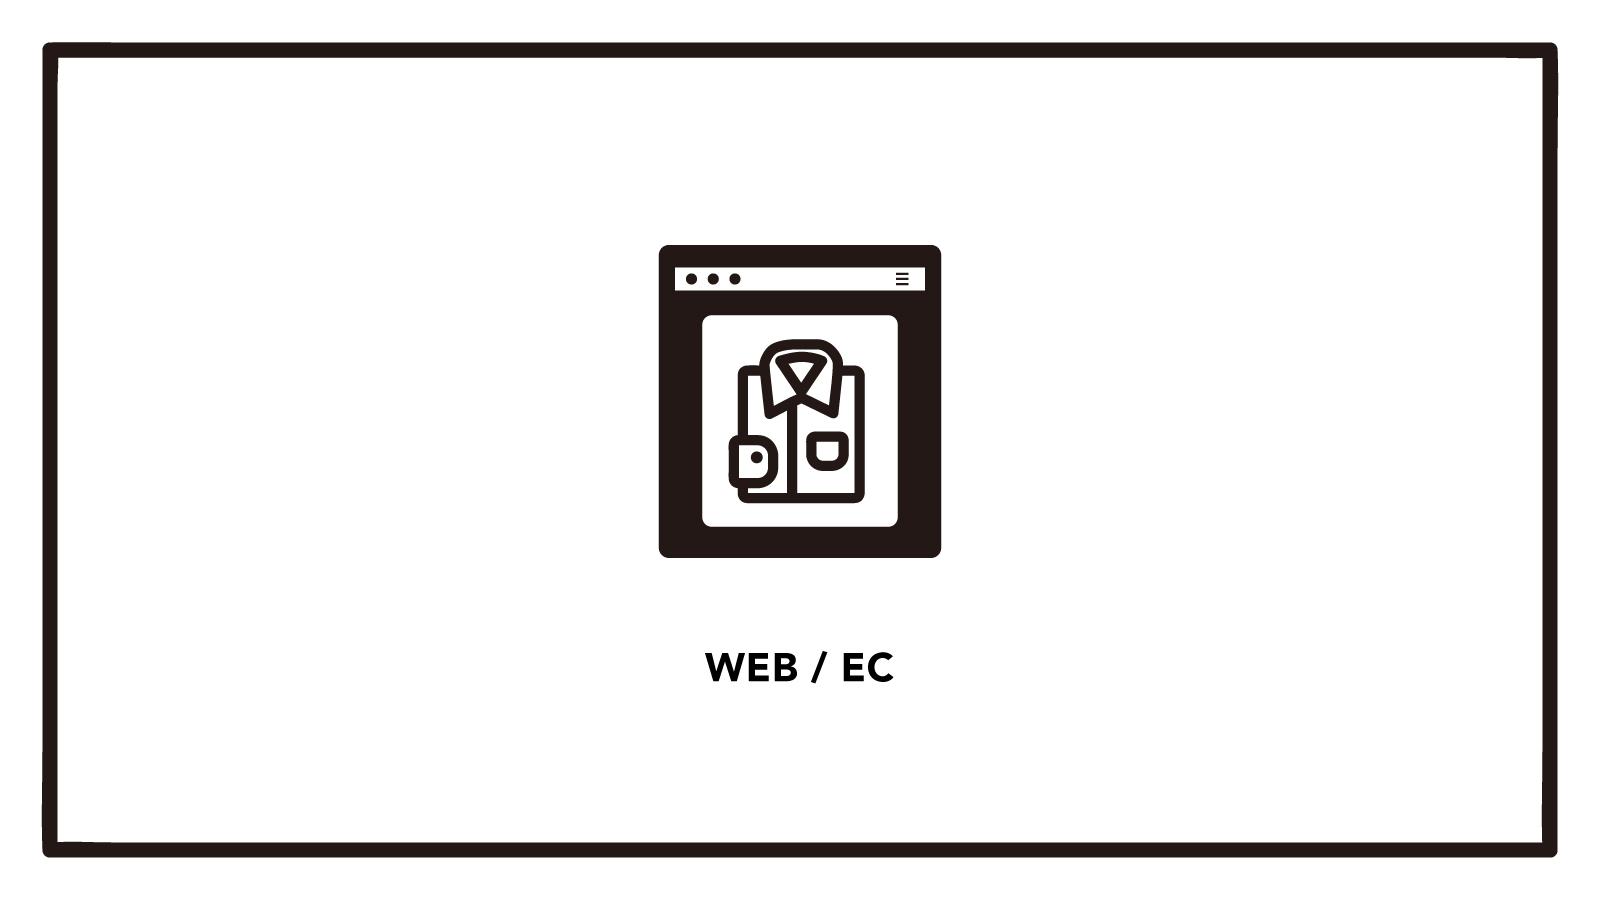 【Webデザイナー/コーダー】エシカルなコスメブランドのWebデザイナーを募集のカバー写真